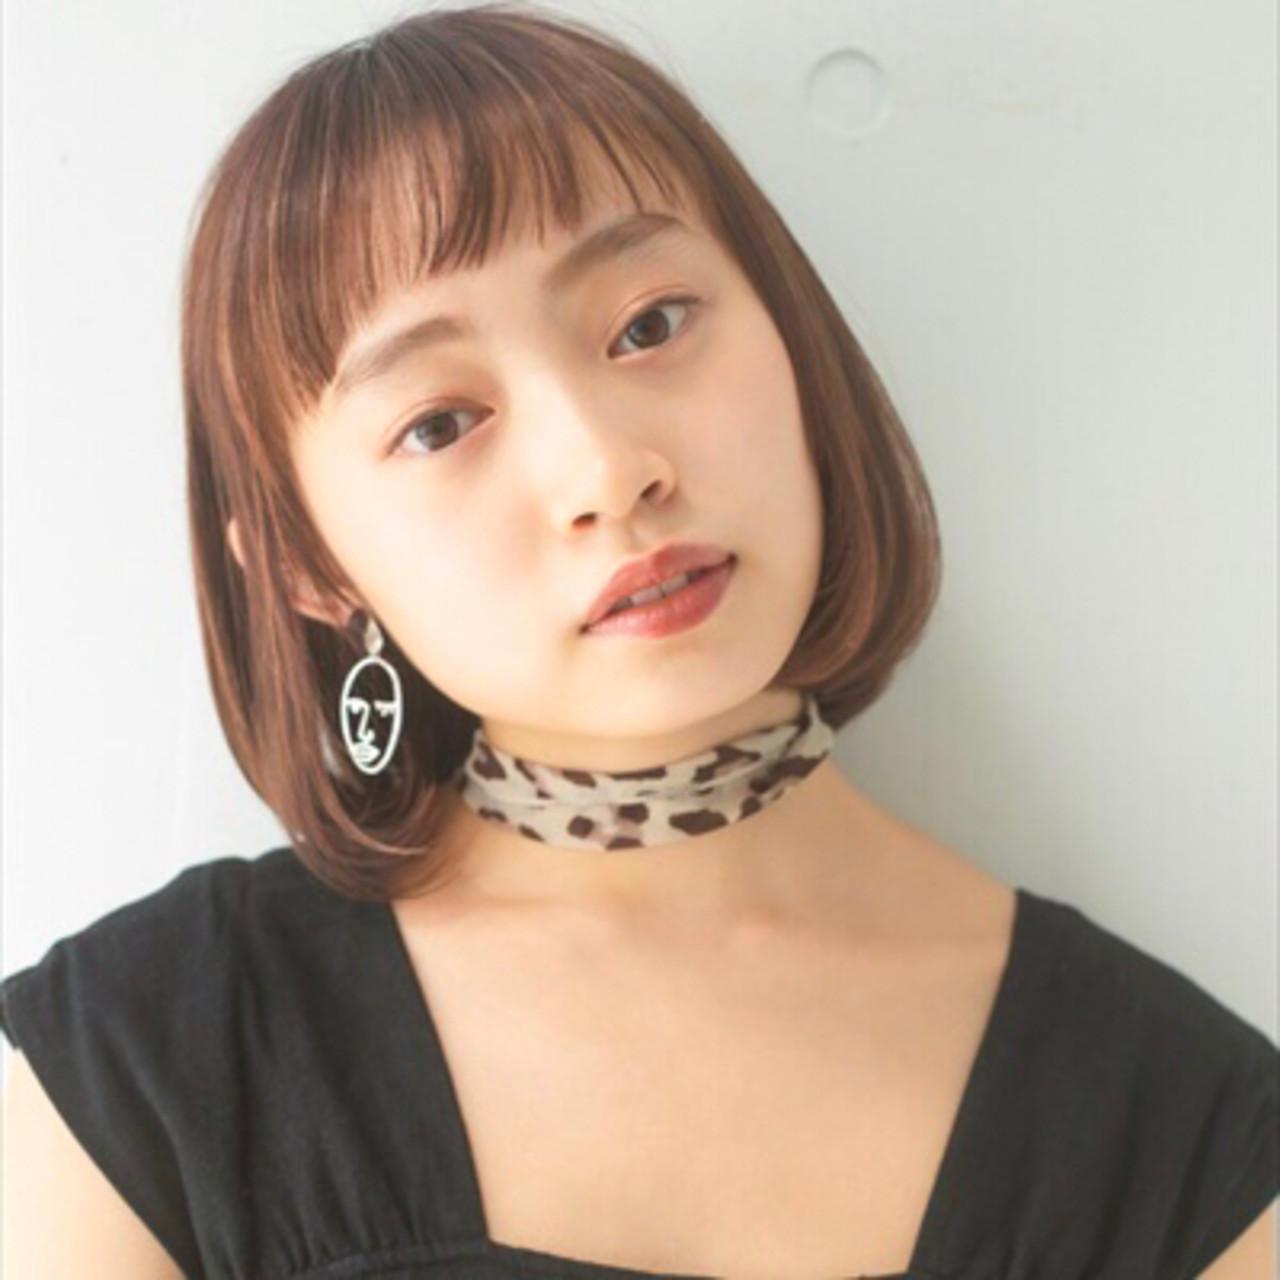 ショートヘア ボブ ナチュラル ショートボブ ヘアスタイルや髪型の写真・画像 | 岩舘 司 / Claude MONET 下北沢